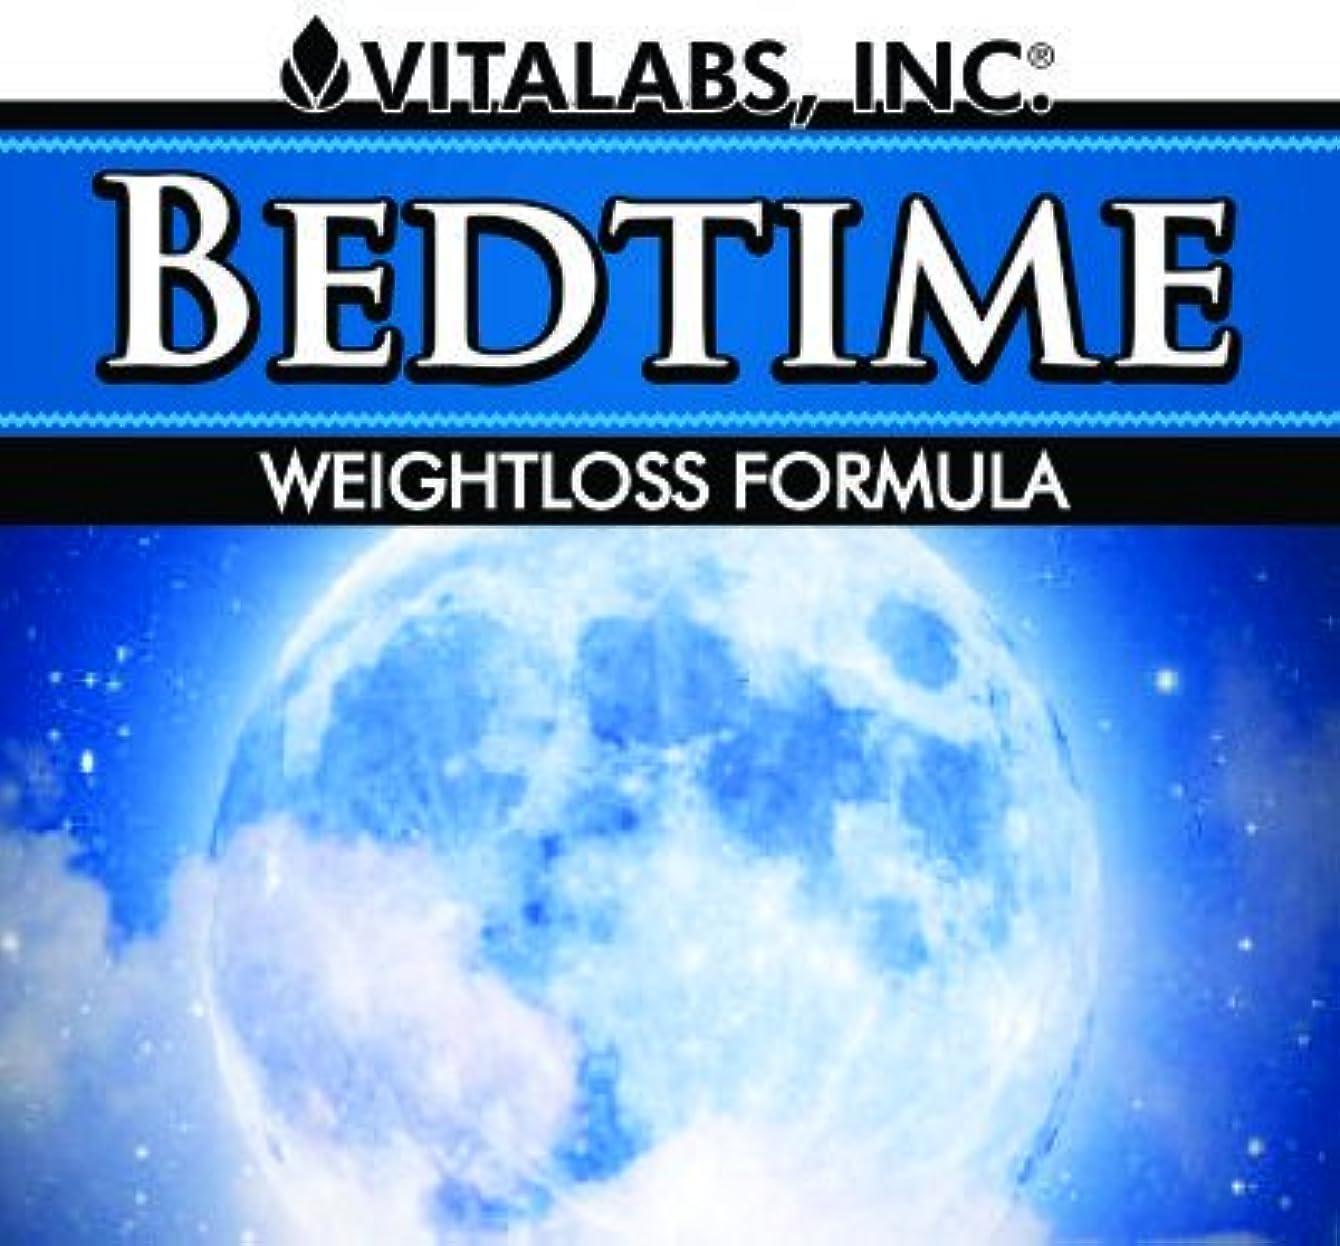 魅力受ける論理的にSaturn Supplements/Vitalabs BedTime Weight Lost ベッドタイムウェイトロス 60カプセル